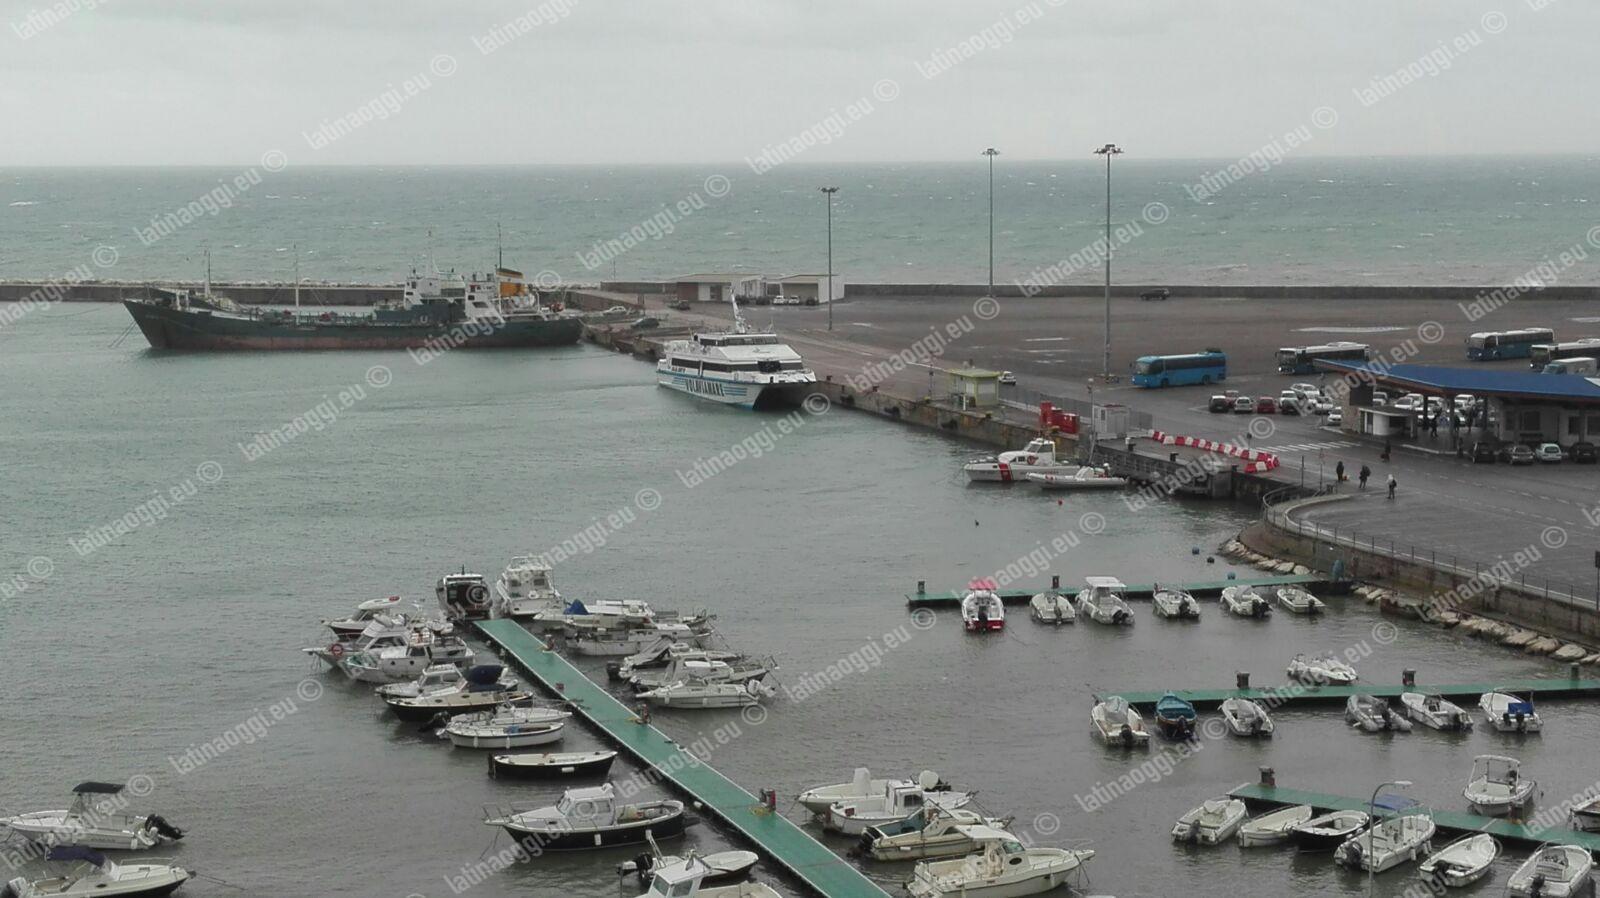 Maltempo, un aliscafo in balia del mare imbarca acqua: danni e paura